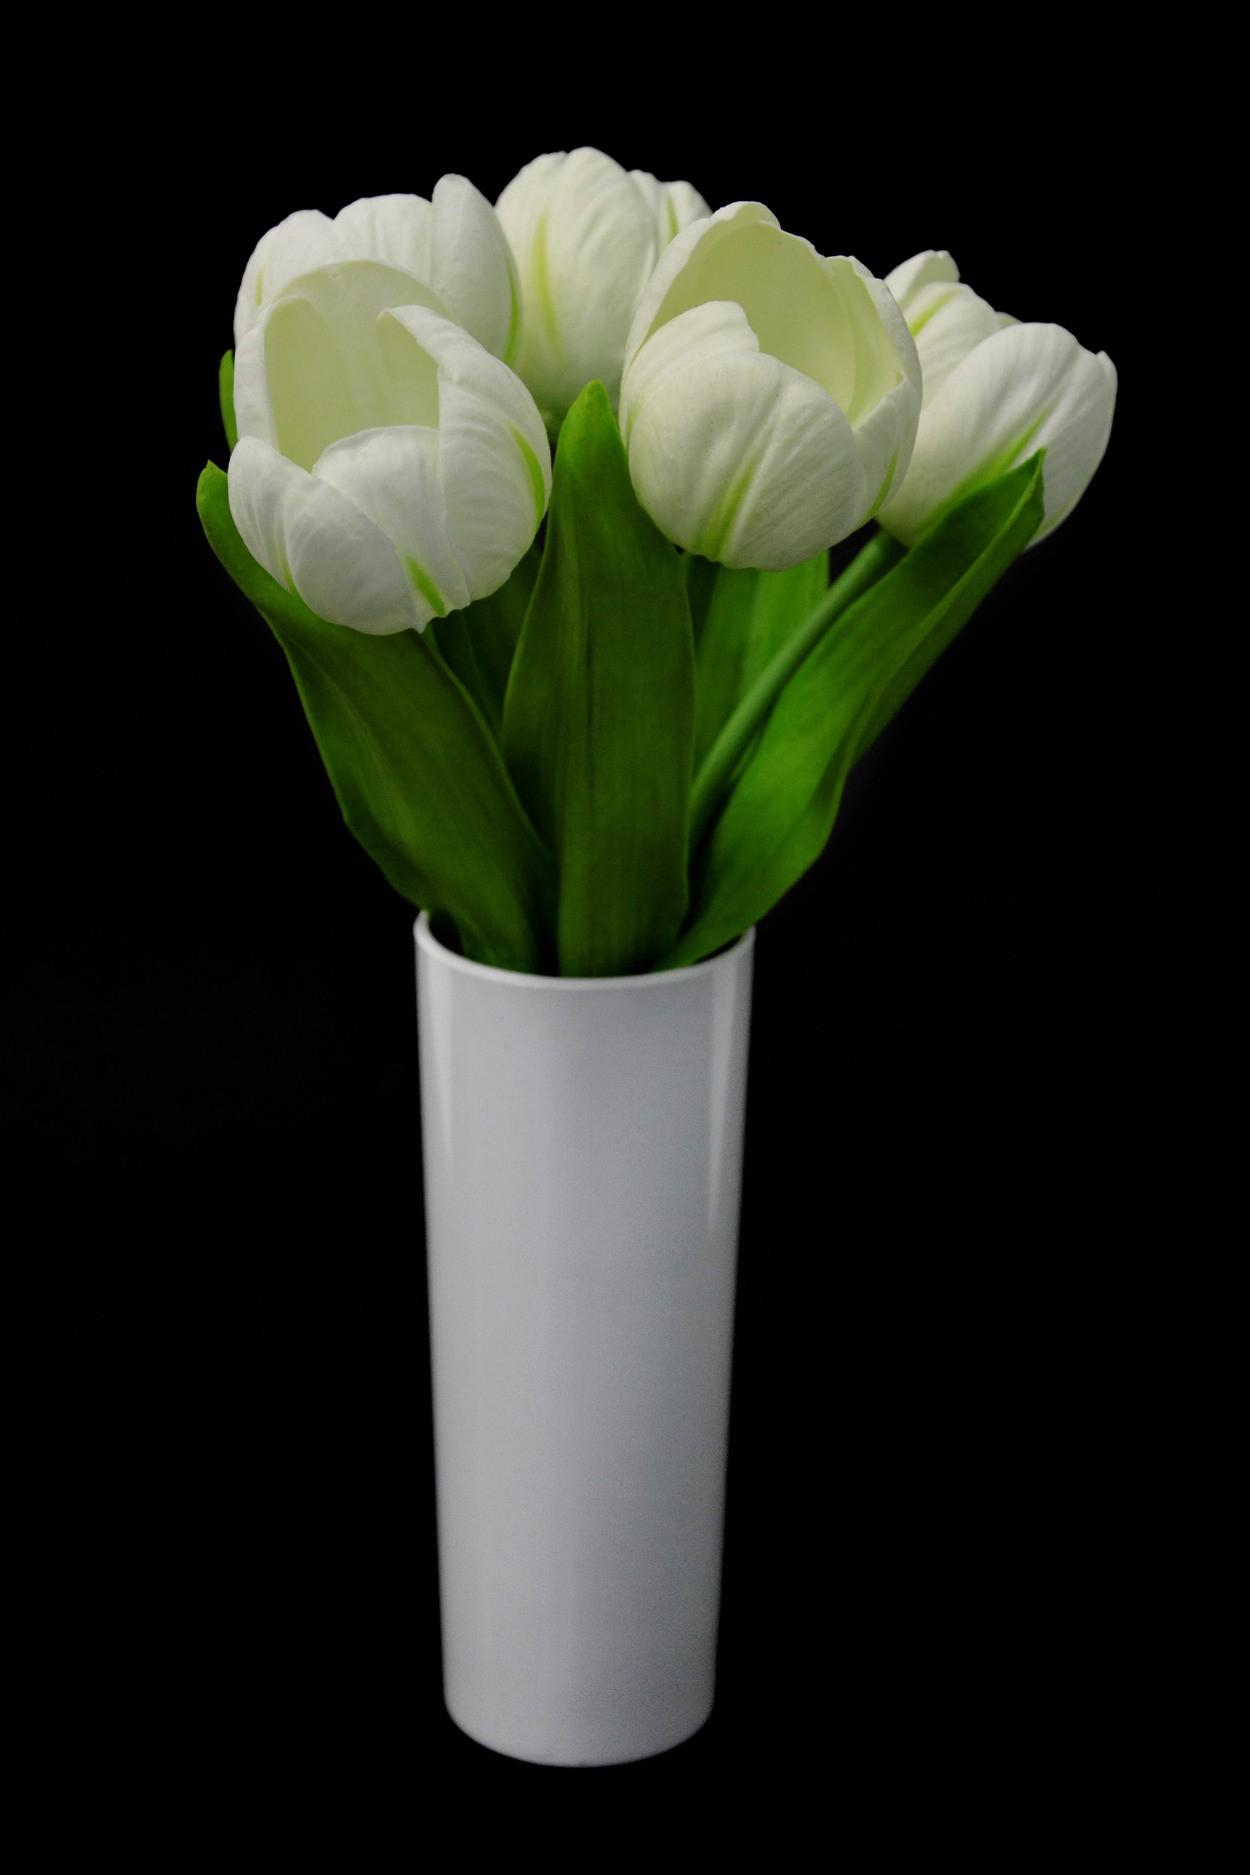 Светильник Тюльпаны (белые) в Ярославле